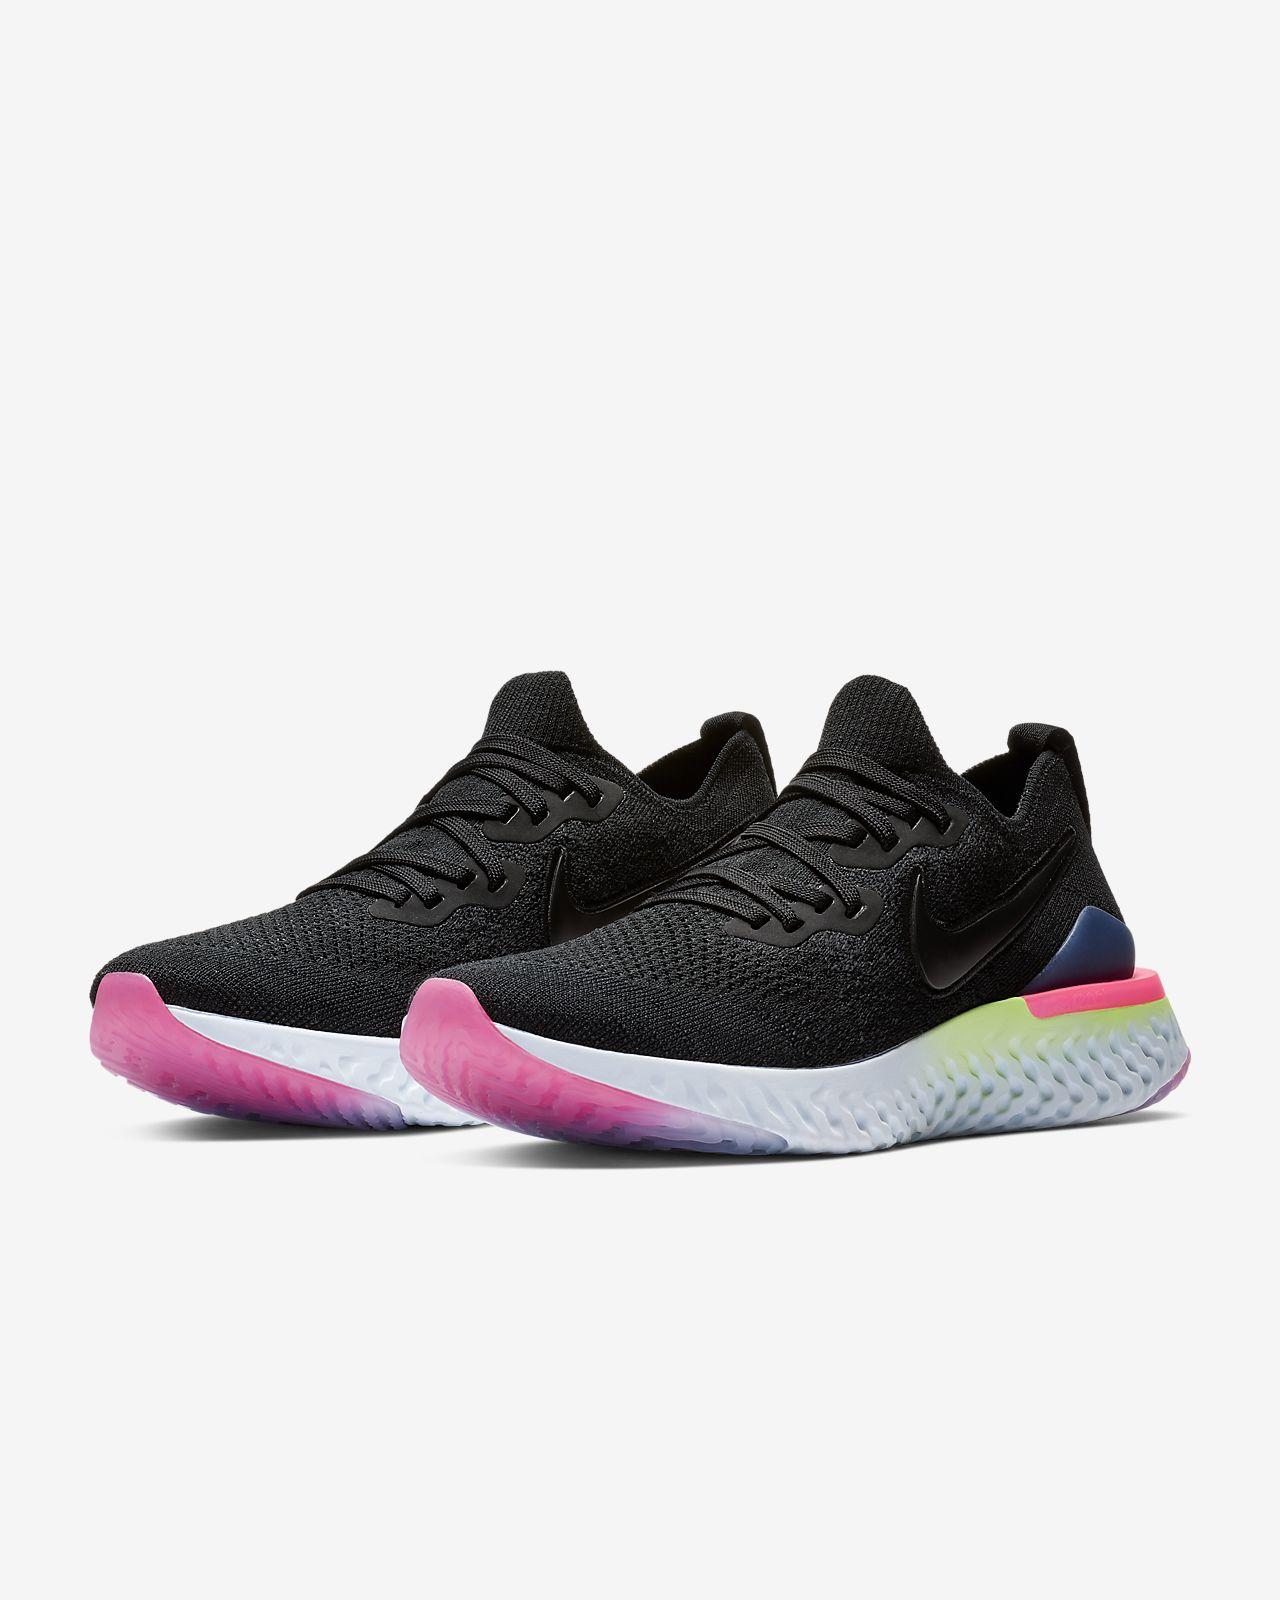 7bf2cf522f921 Nike Epic React Flyknit 2 Women s Running Shoe. Nike.com